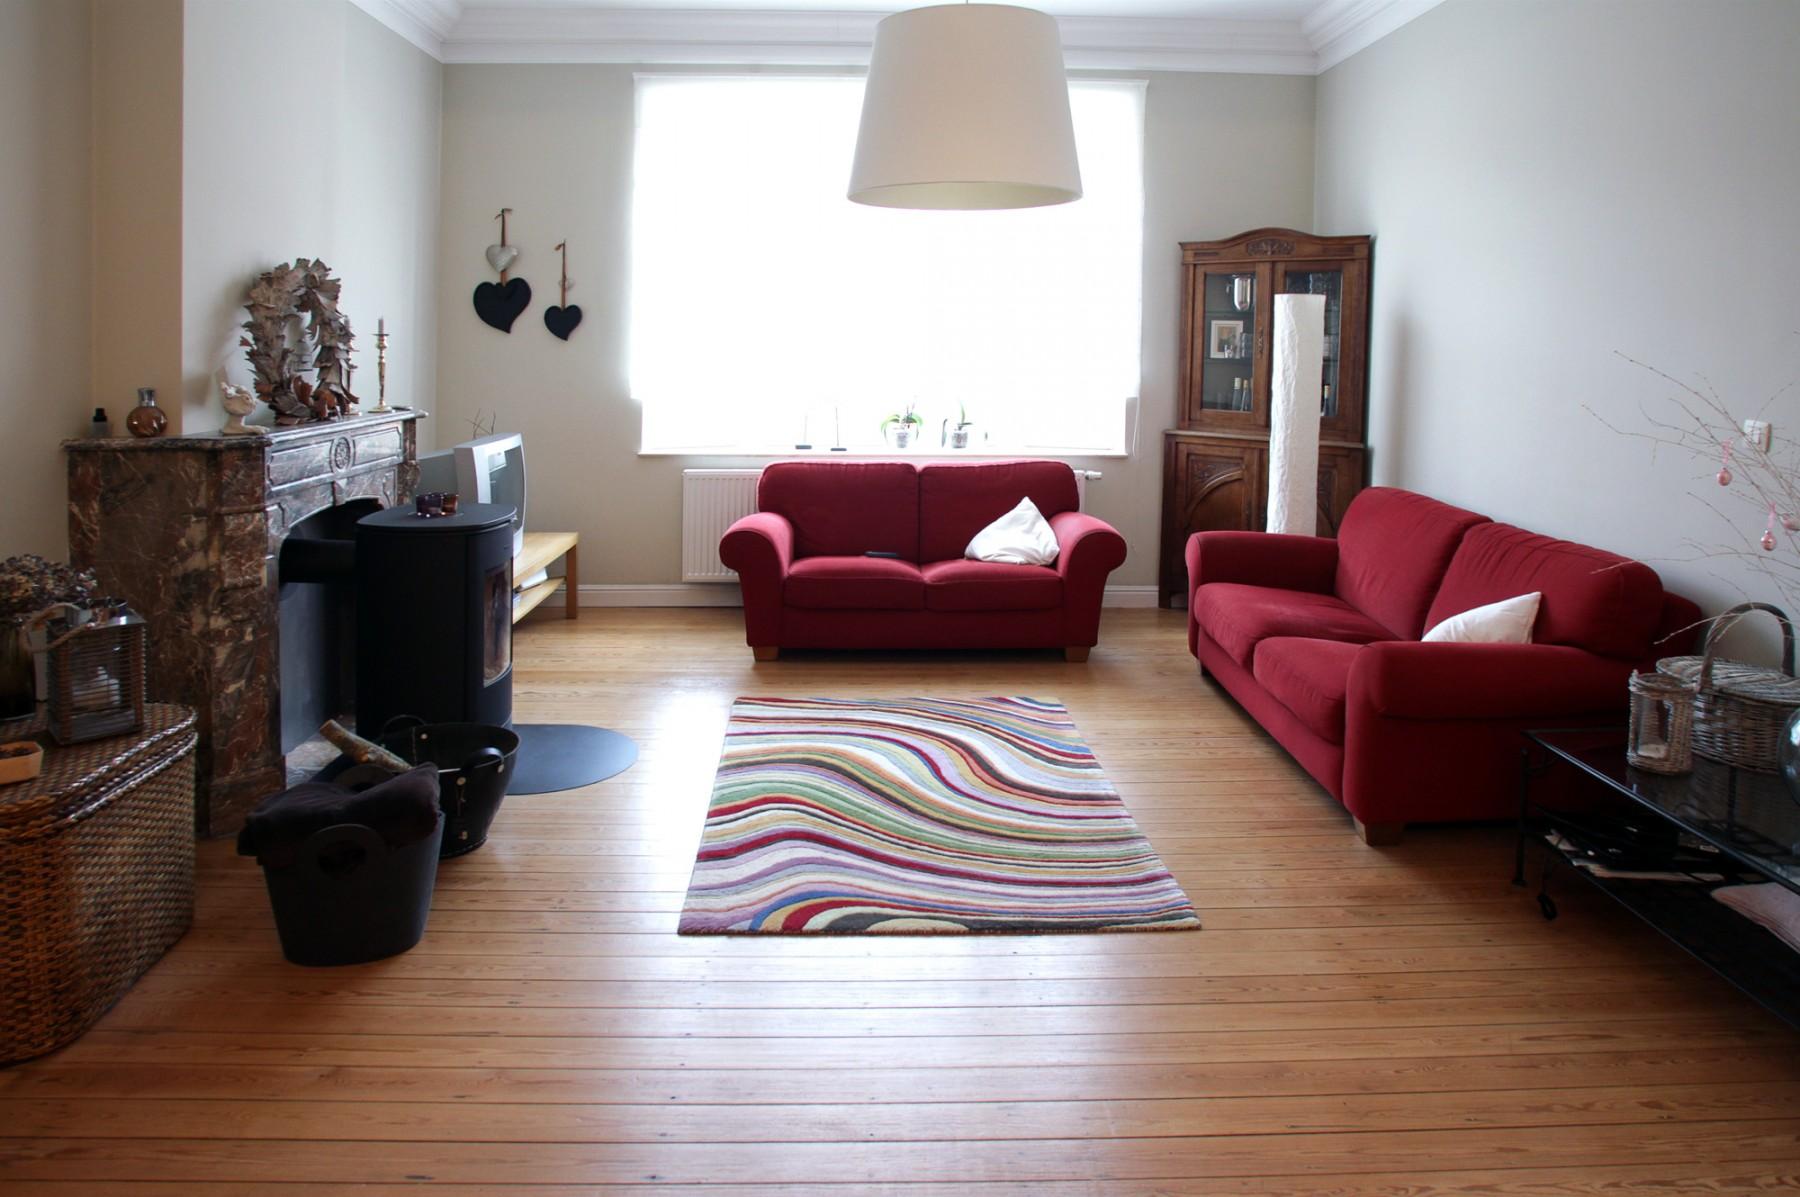 merni 010. Black Bedroom Furniture Sets. Home Design Ideas